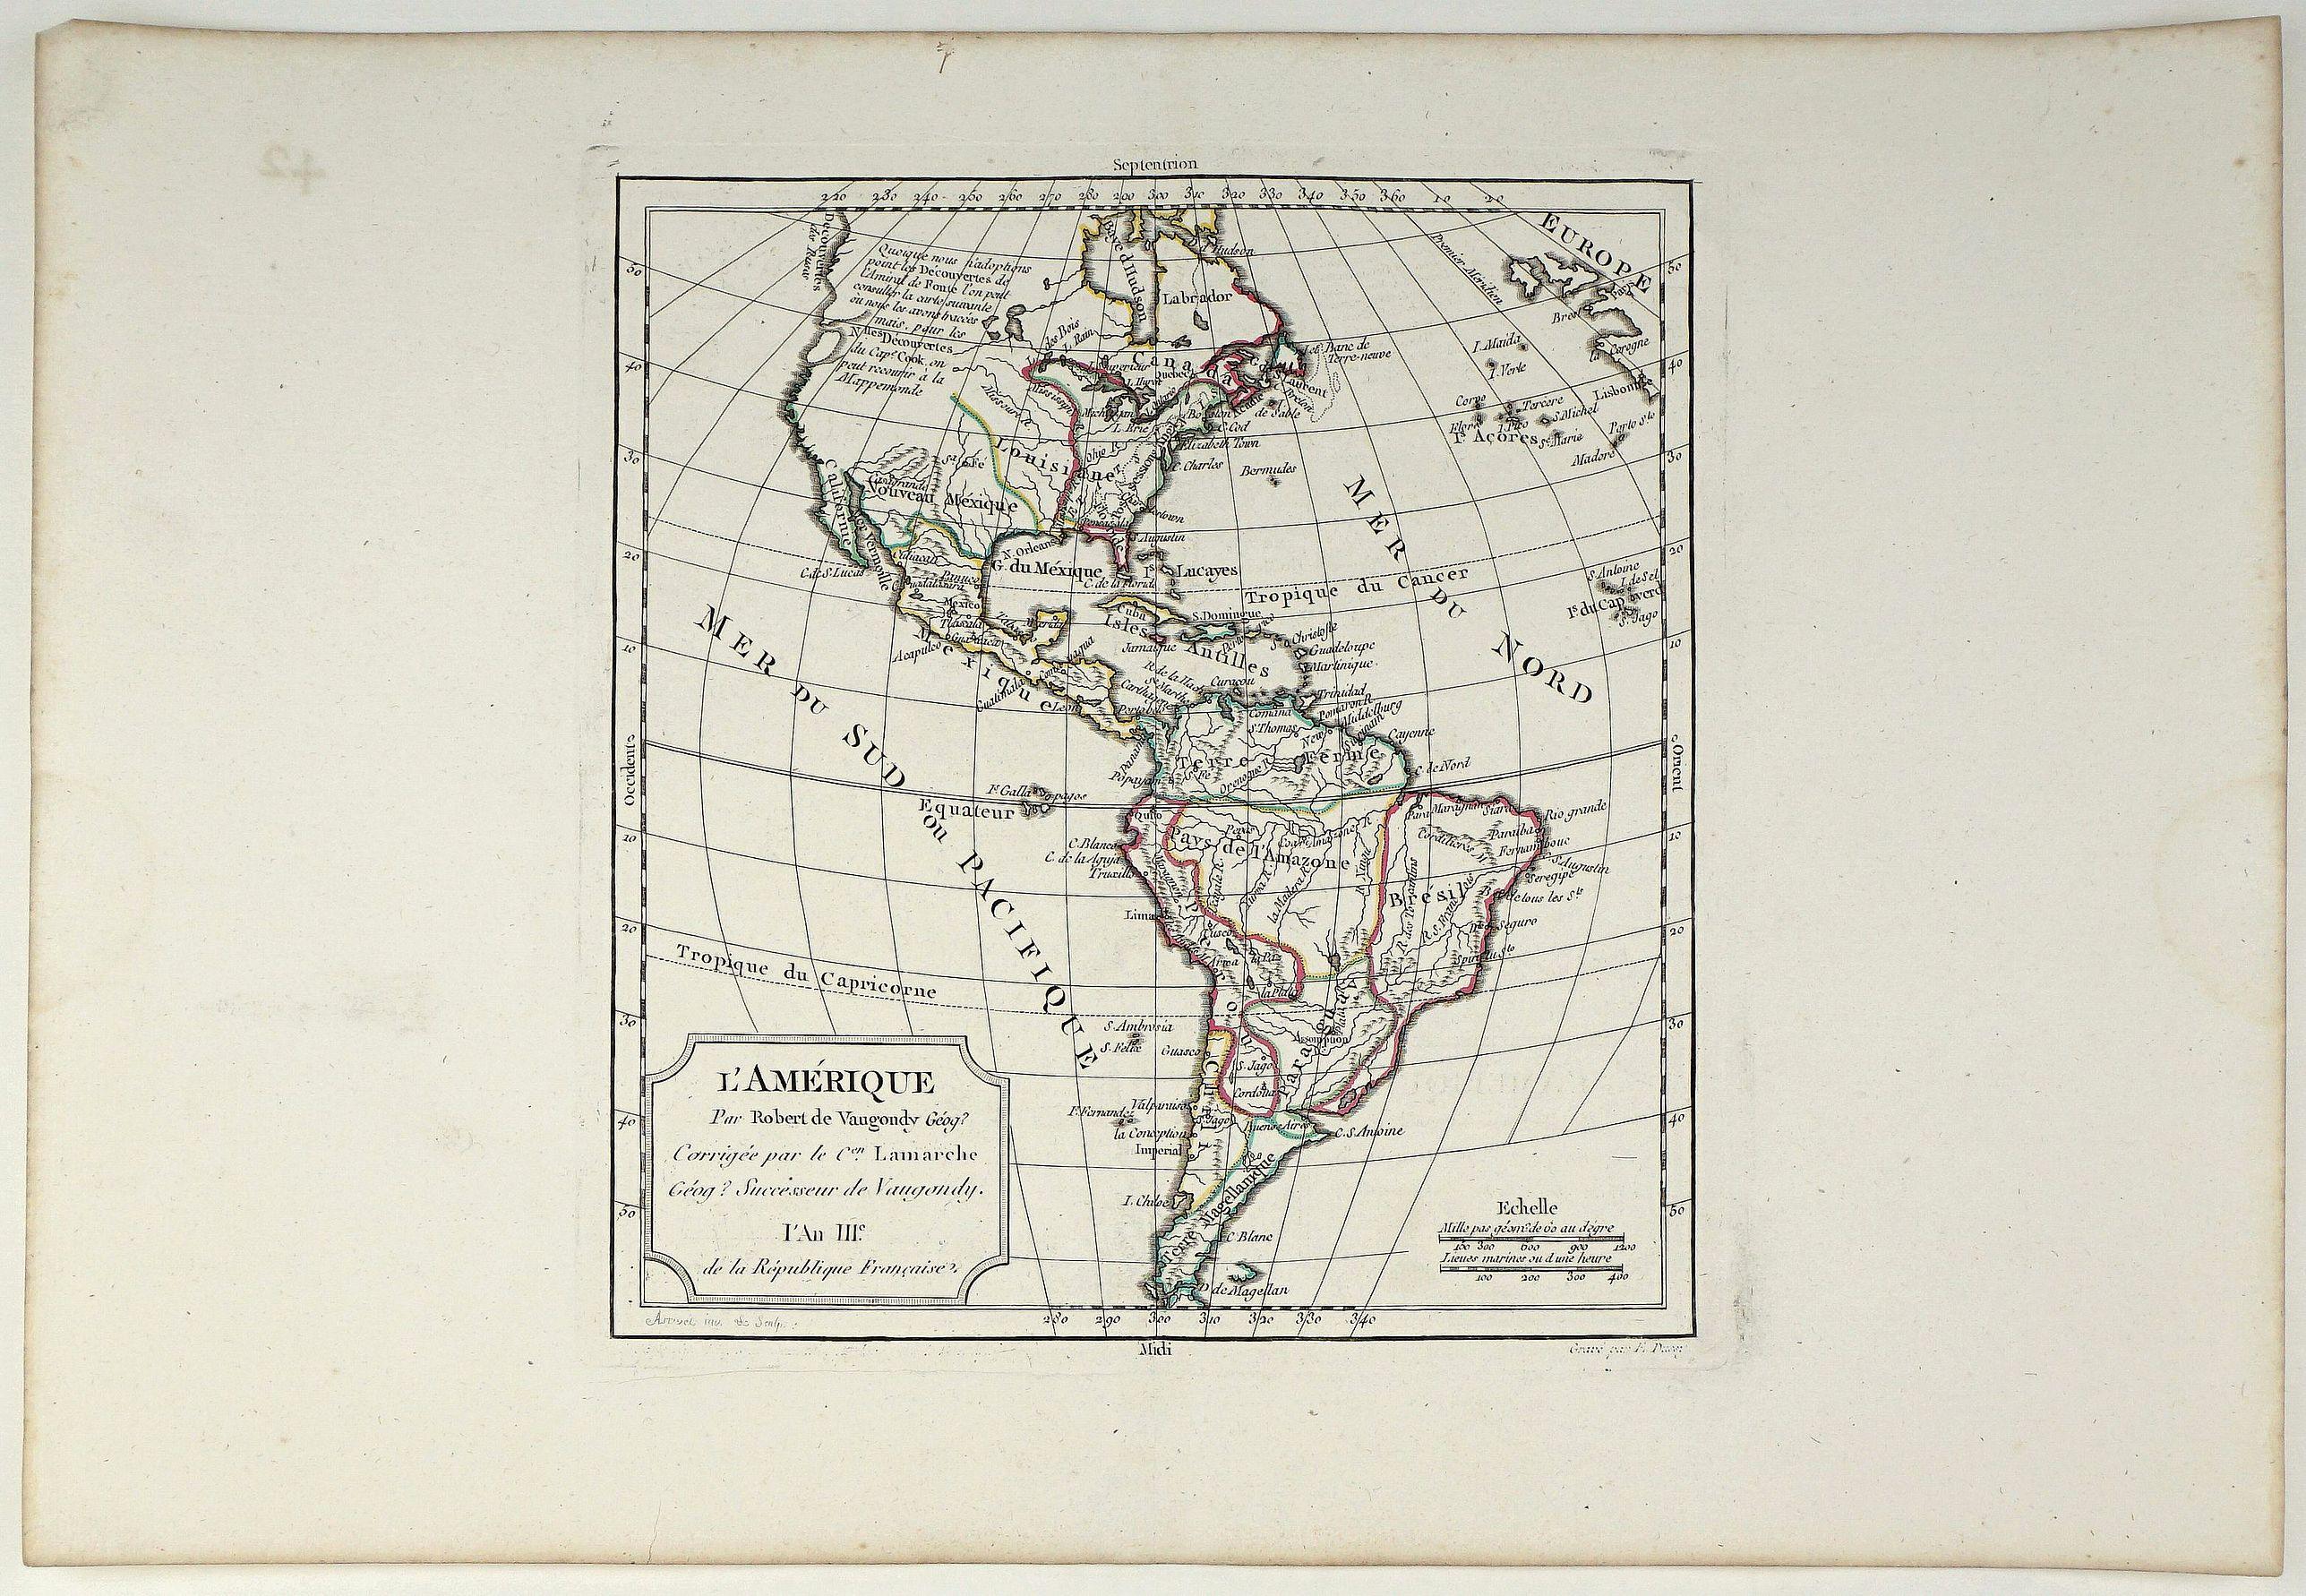 VAUGONDY, G.R. - L'Amerique Par Robert de Vaugondy Corrigee par le C Lamarche An III. 